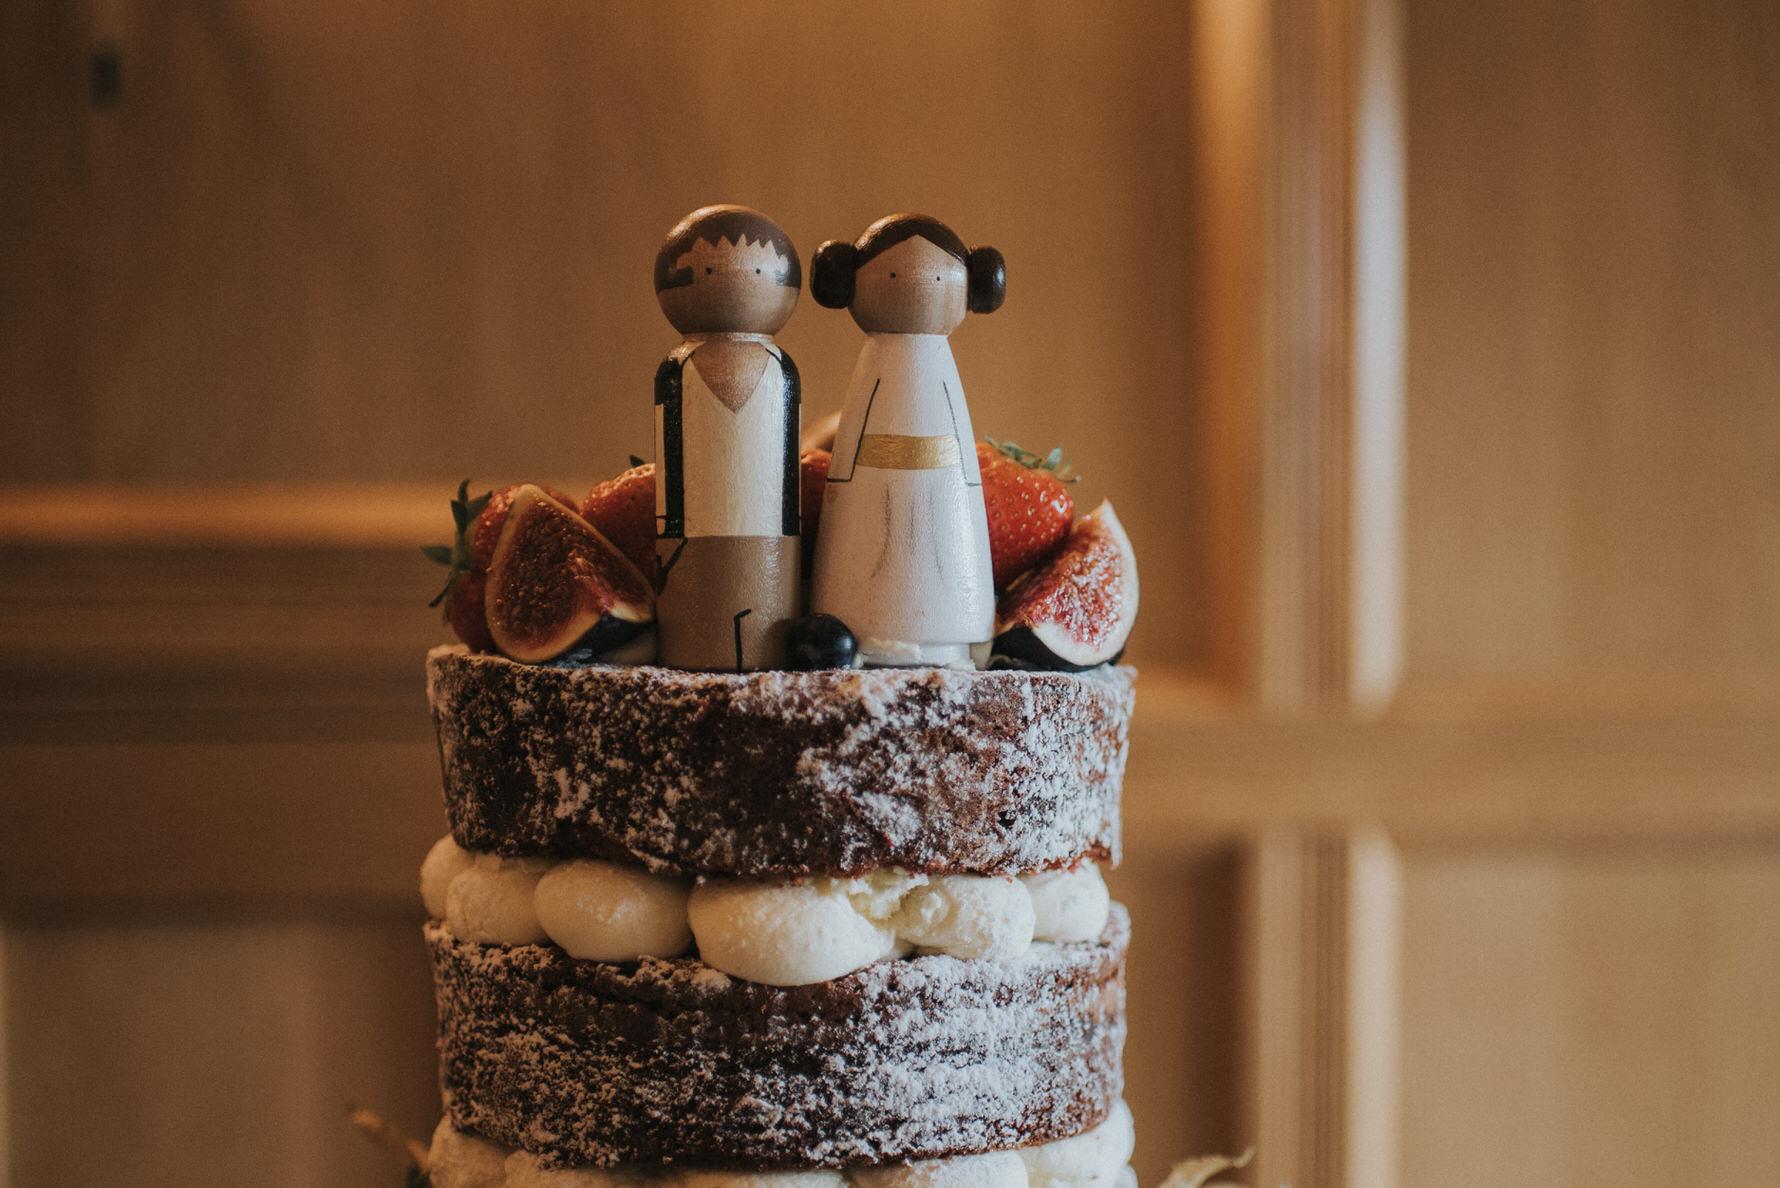 Cheshire Unposed Documentary Wedding Photography - Burnsall